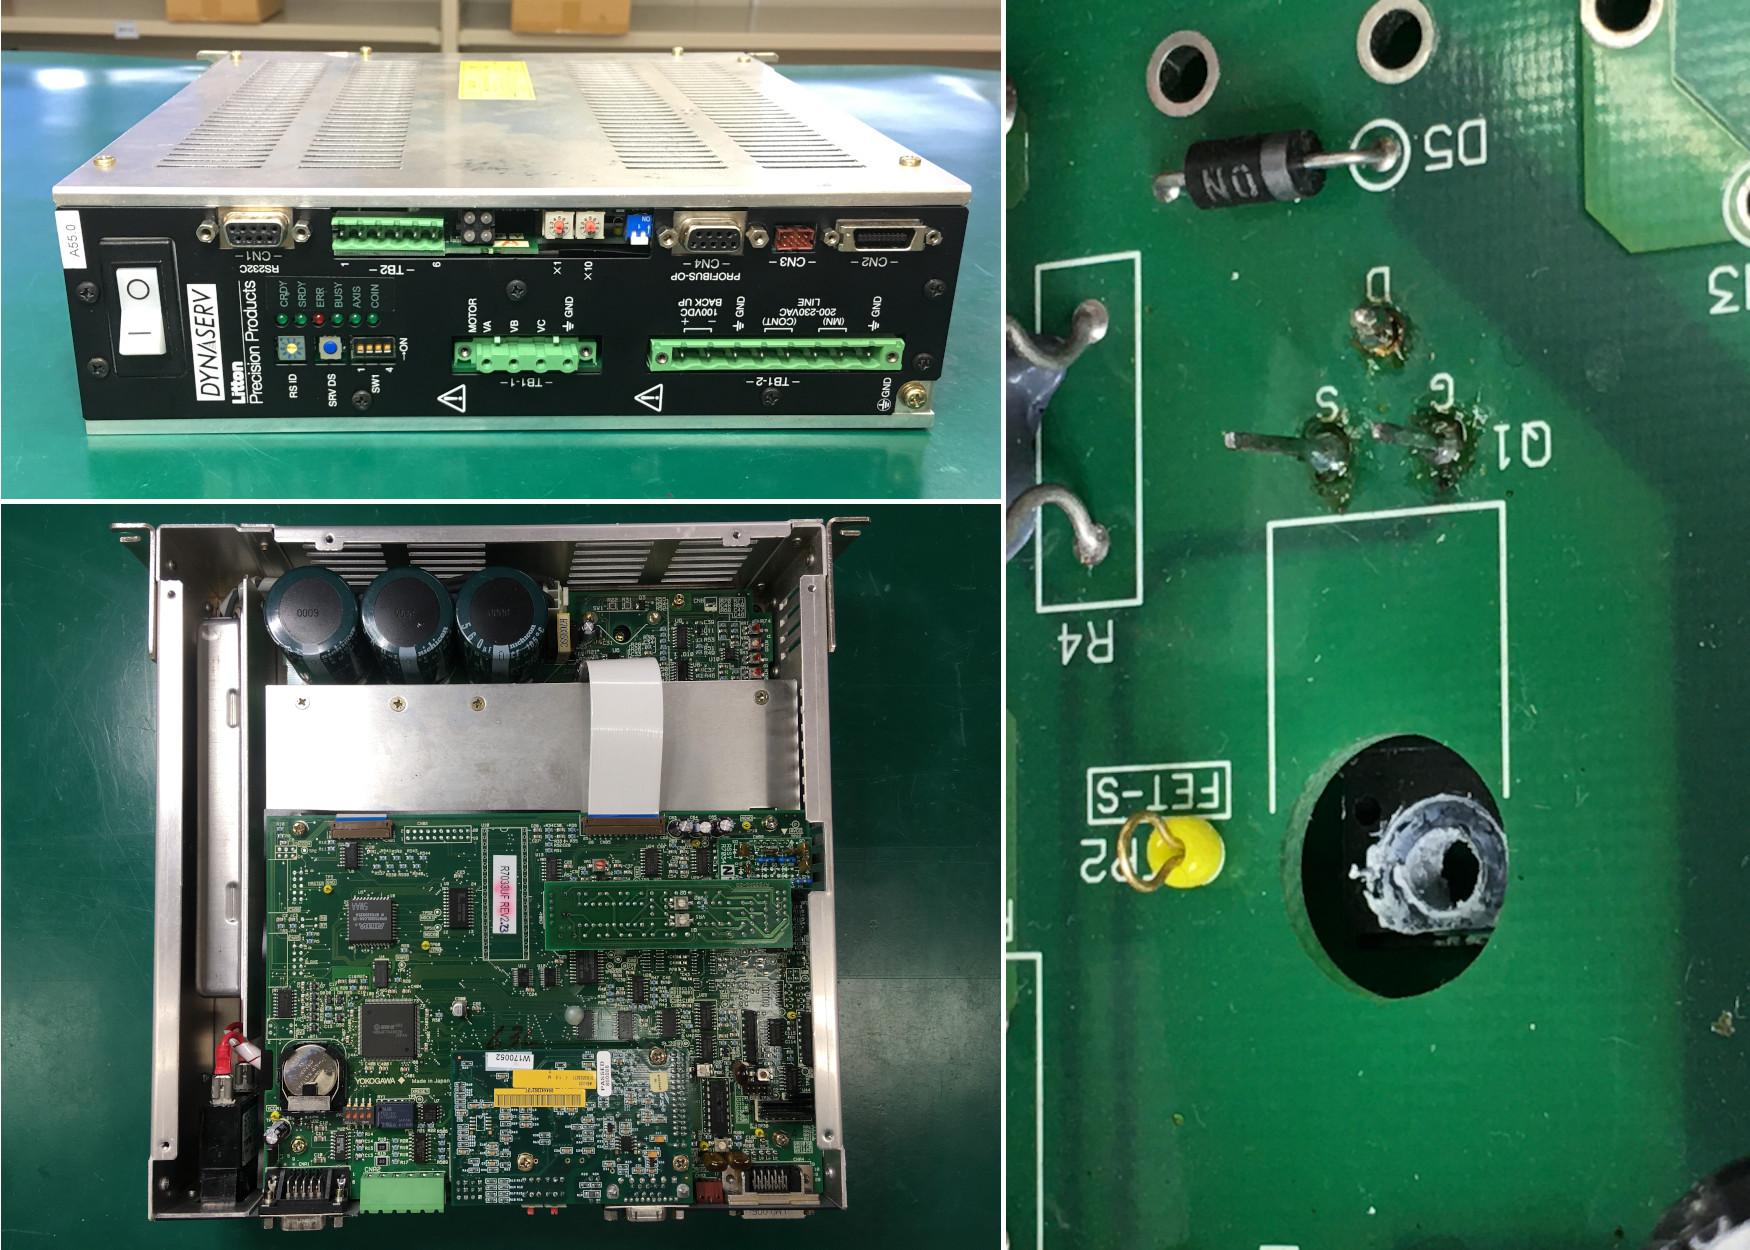 横河電機(YOKOGAWA)DDサーボモタードライバー UR1400A8KDの基板修理